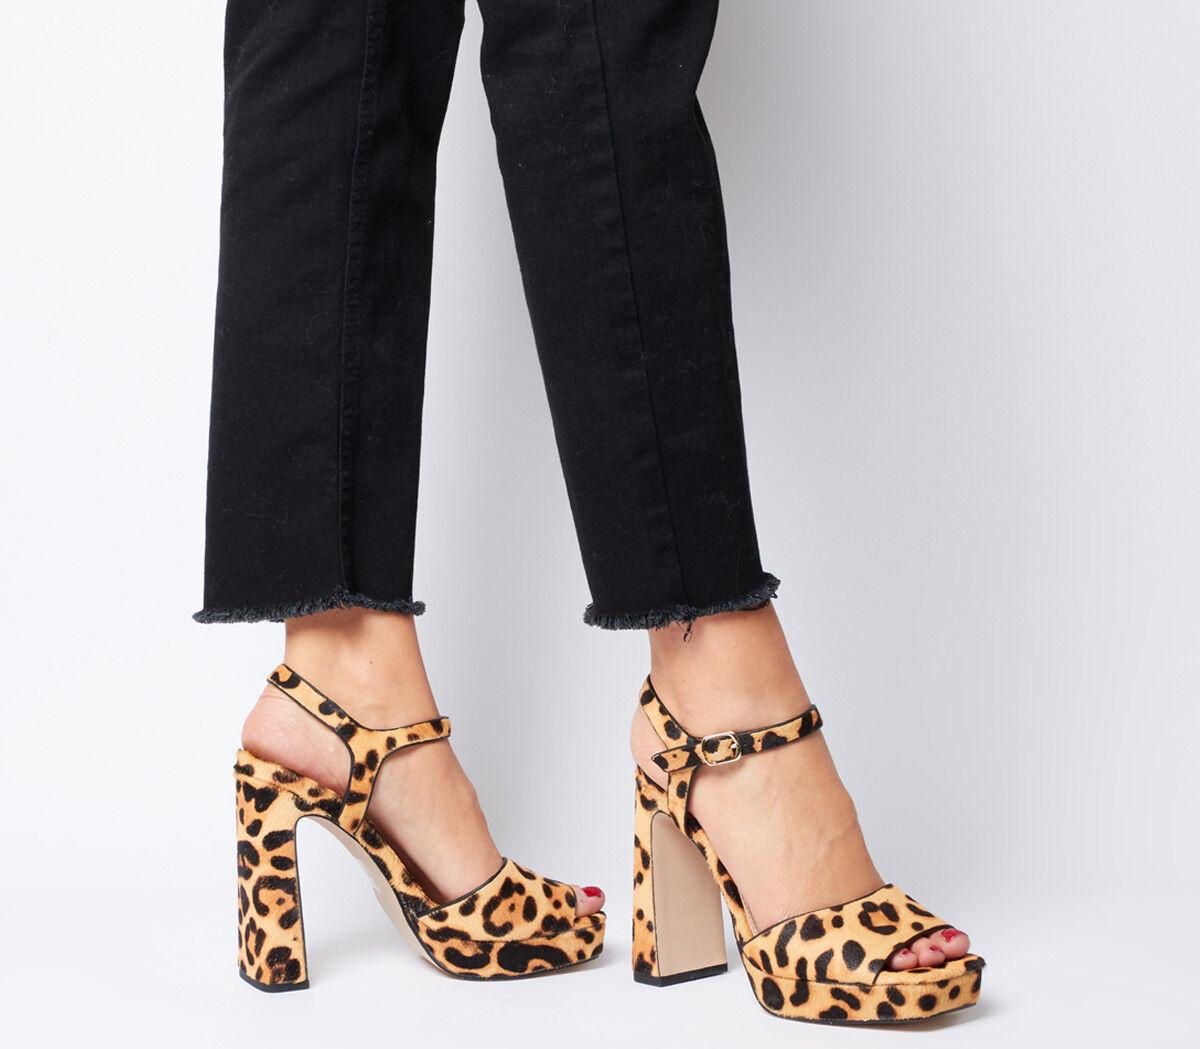 Dedo del pie cuadrado para mujer Oficina Husky Plataforma Tacones Tacones Tacones Tacones De Cuero de poni de leopardo  distribución global